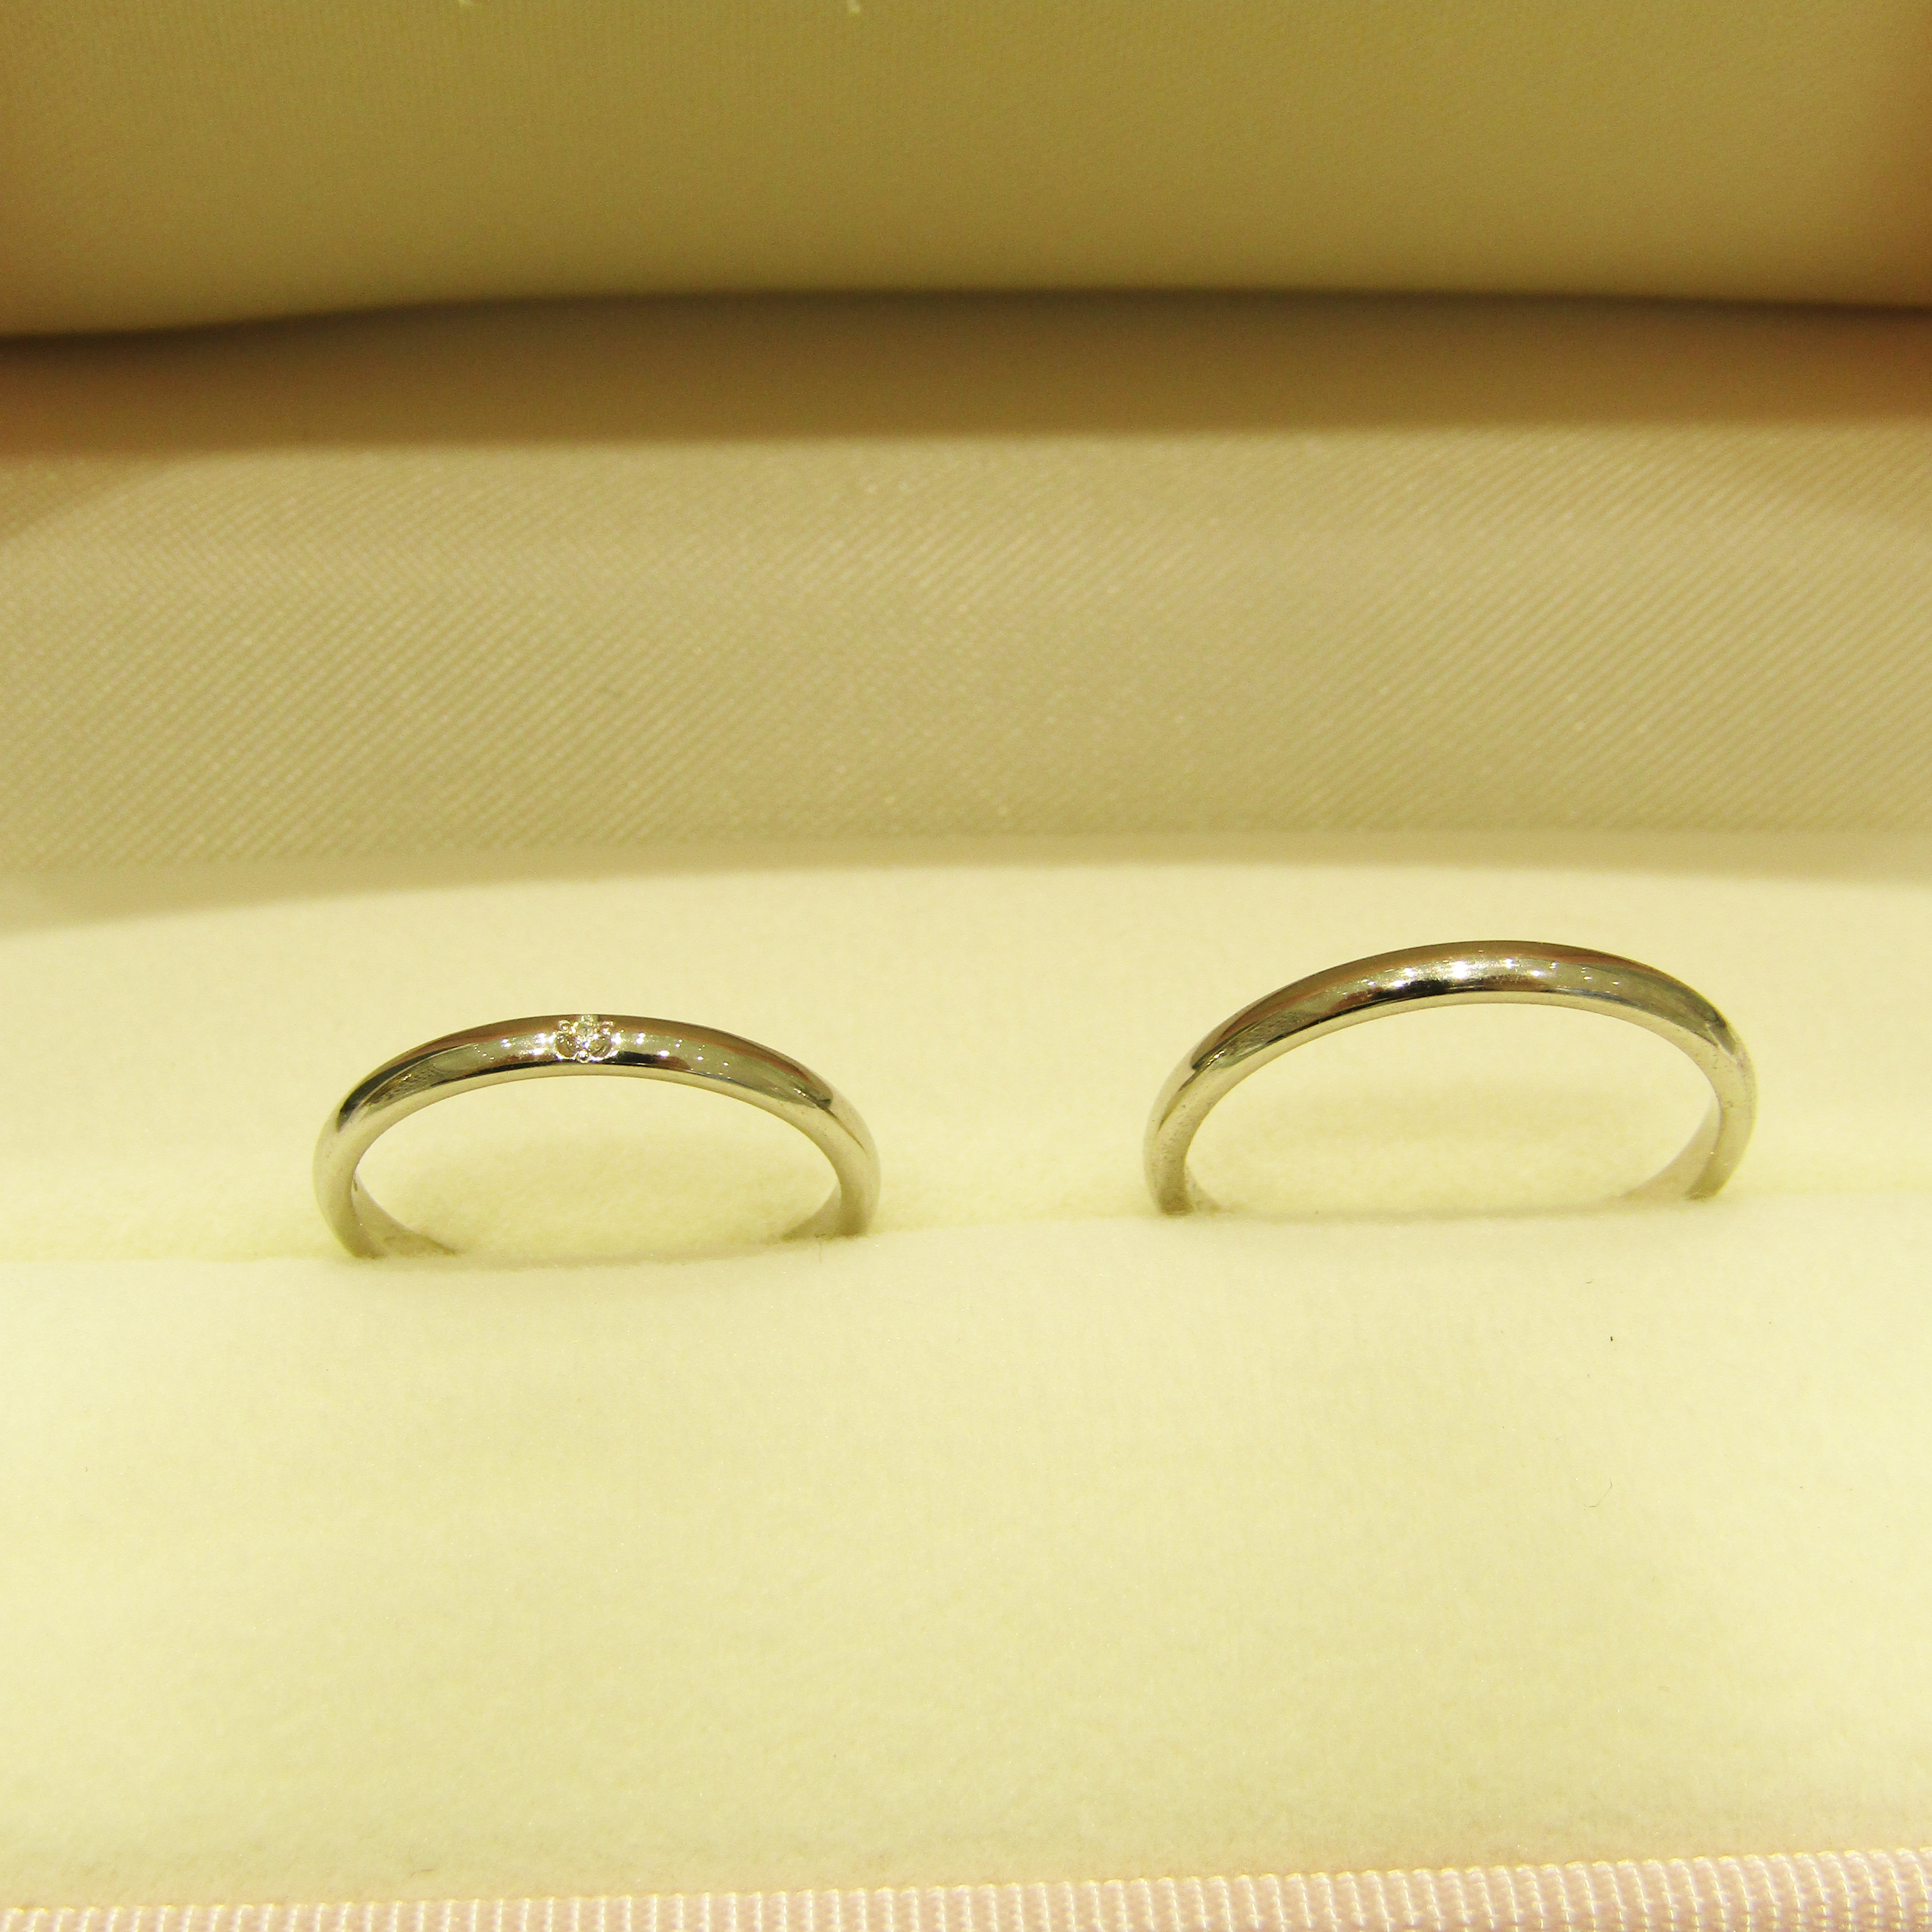 >とてもシンプルで細身なデザインの結婚指輪。エンゲージリングとの相性も抜群でした。